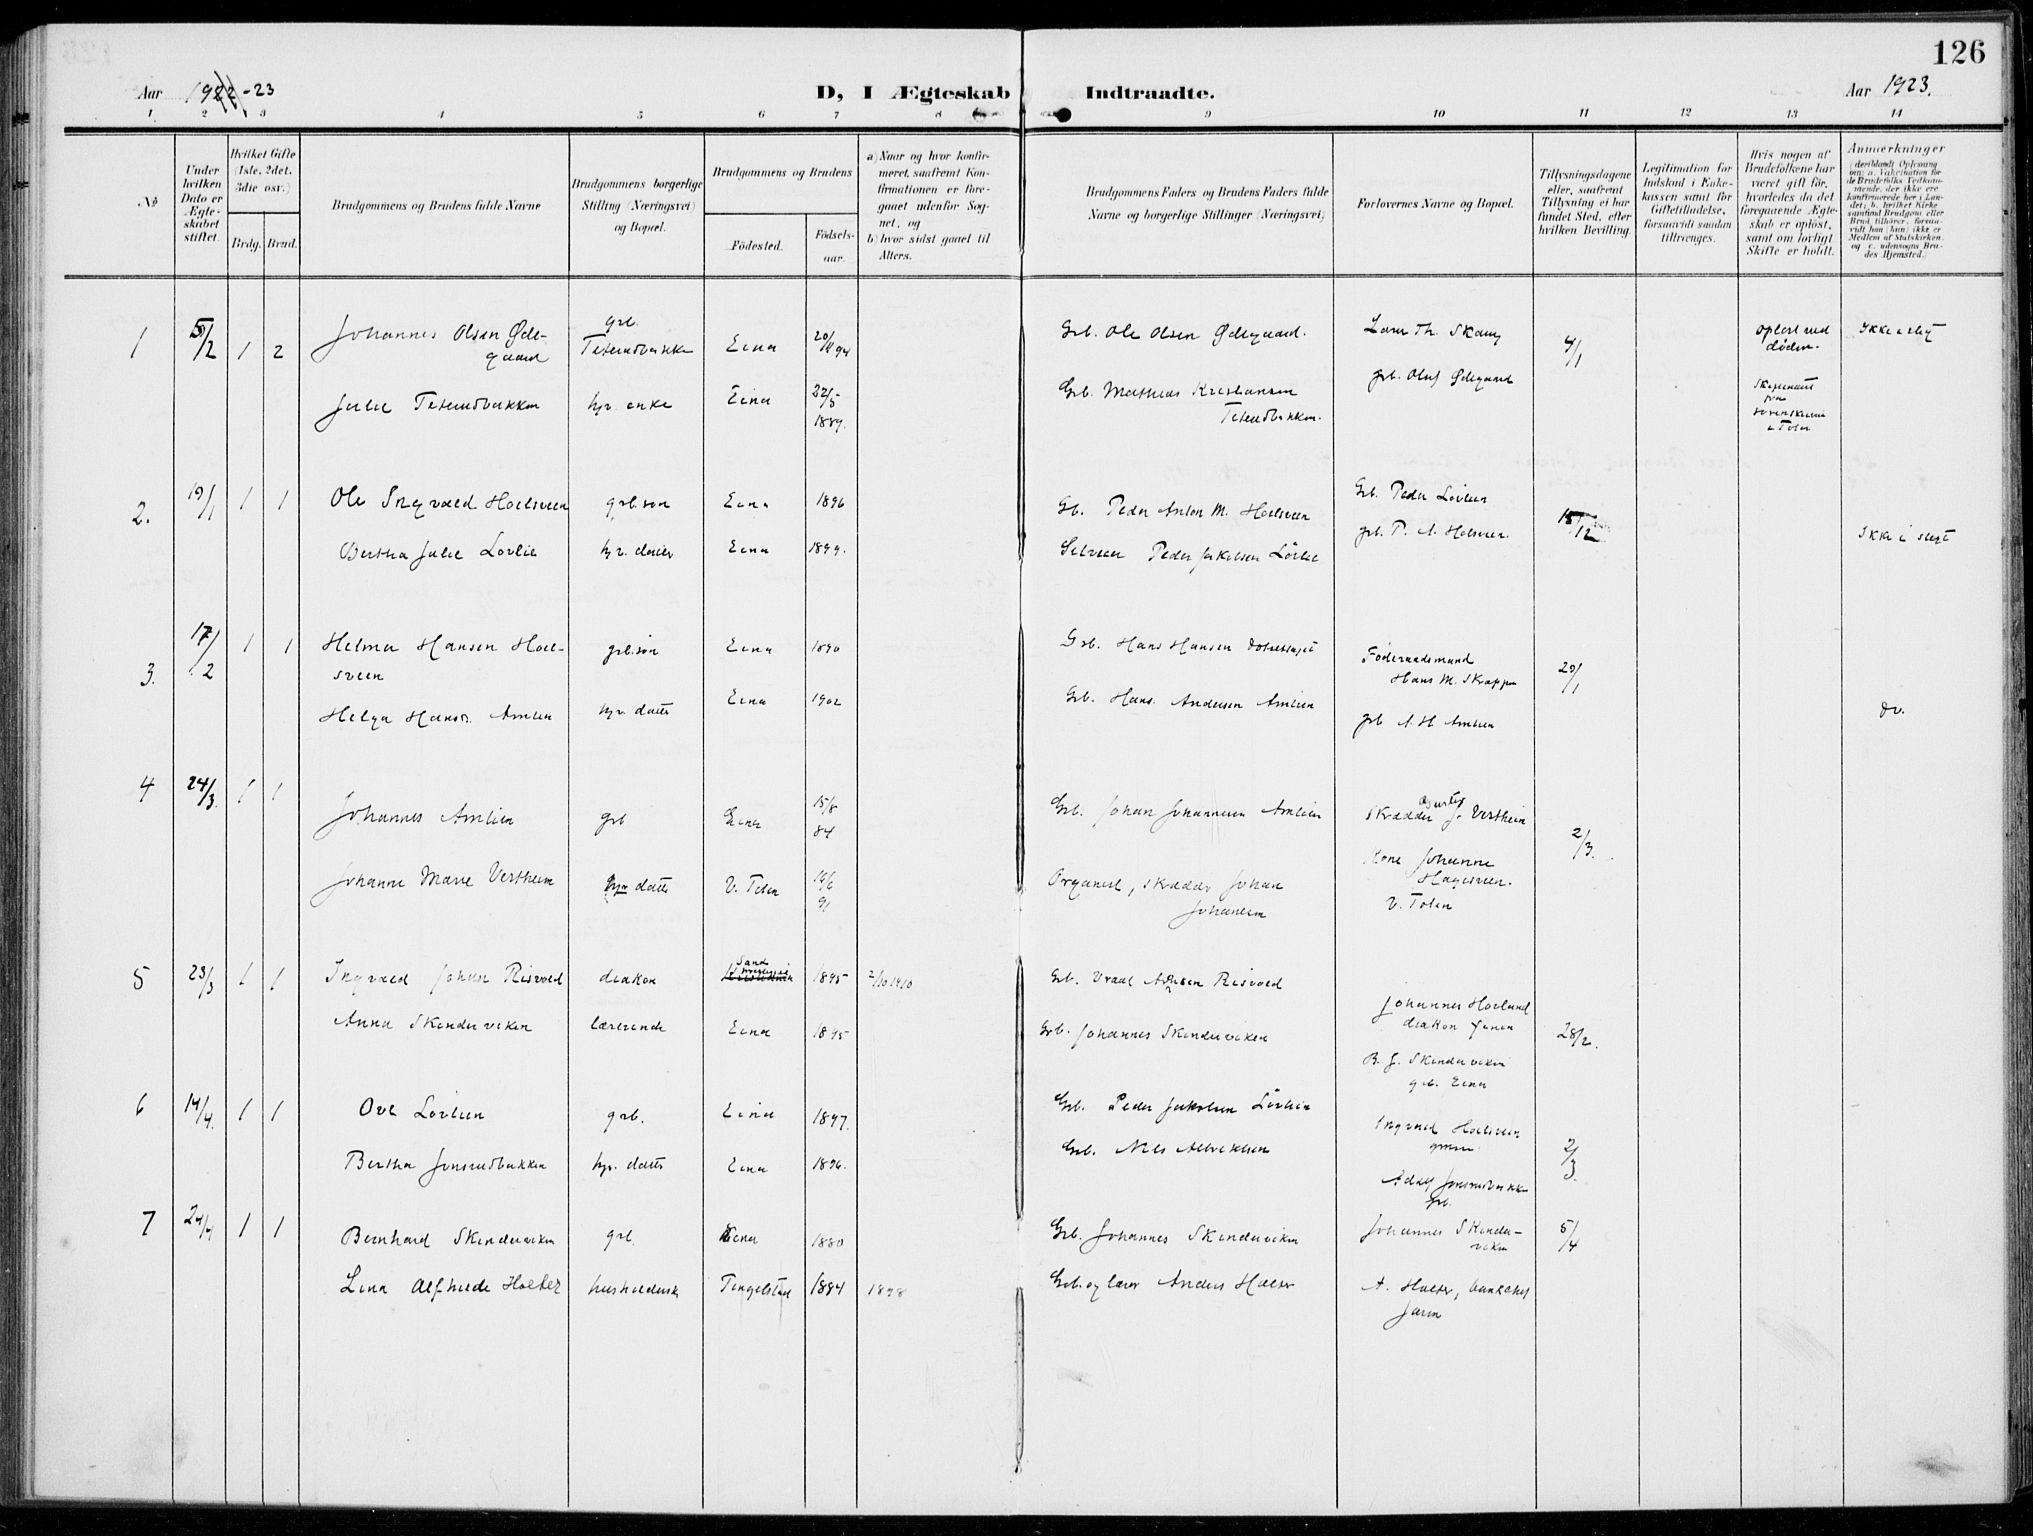 SAH, Kolbu prestekontor, Ministerialbok nr. 1, 1907-1923, s. 126